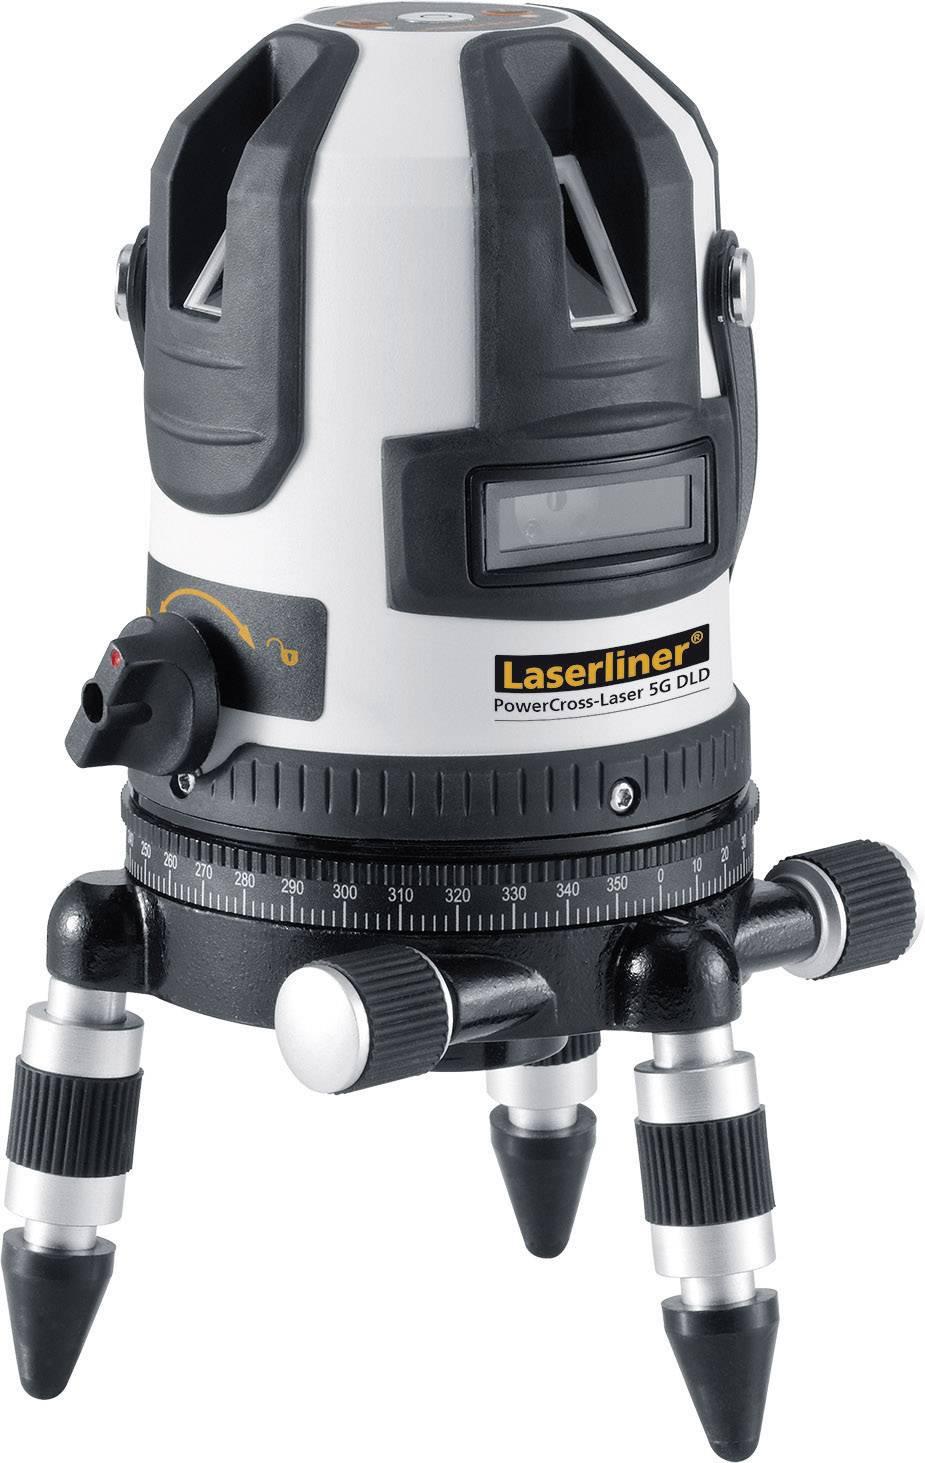 Samonivelační křížový laser Laserliner PowerCross-Laser 5G, dosah (max.): 40 m